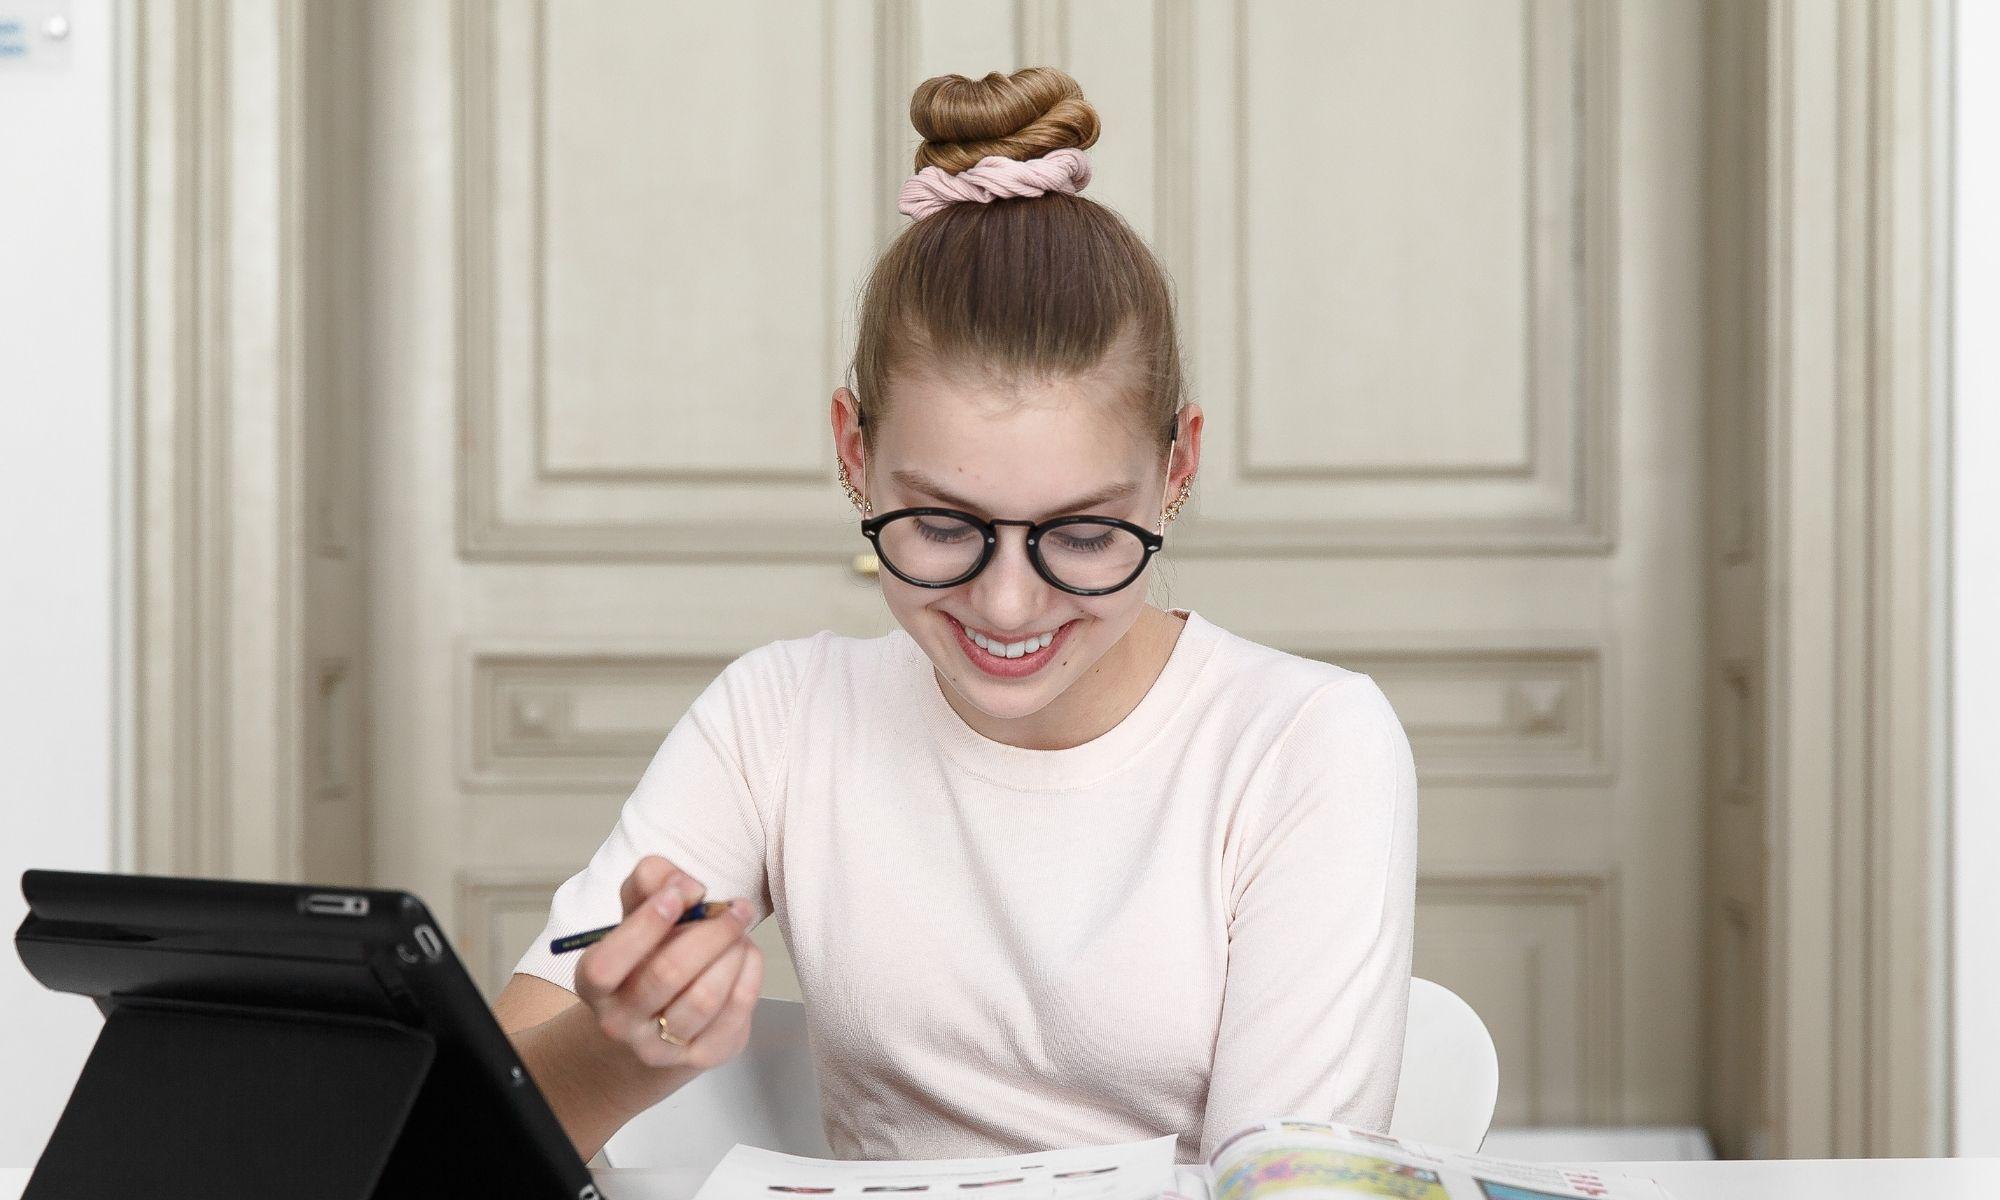 pieteiksanas-francu valodas-kursiem-pusaudziem